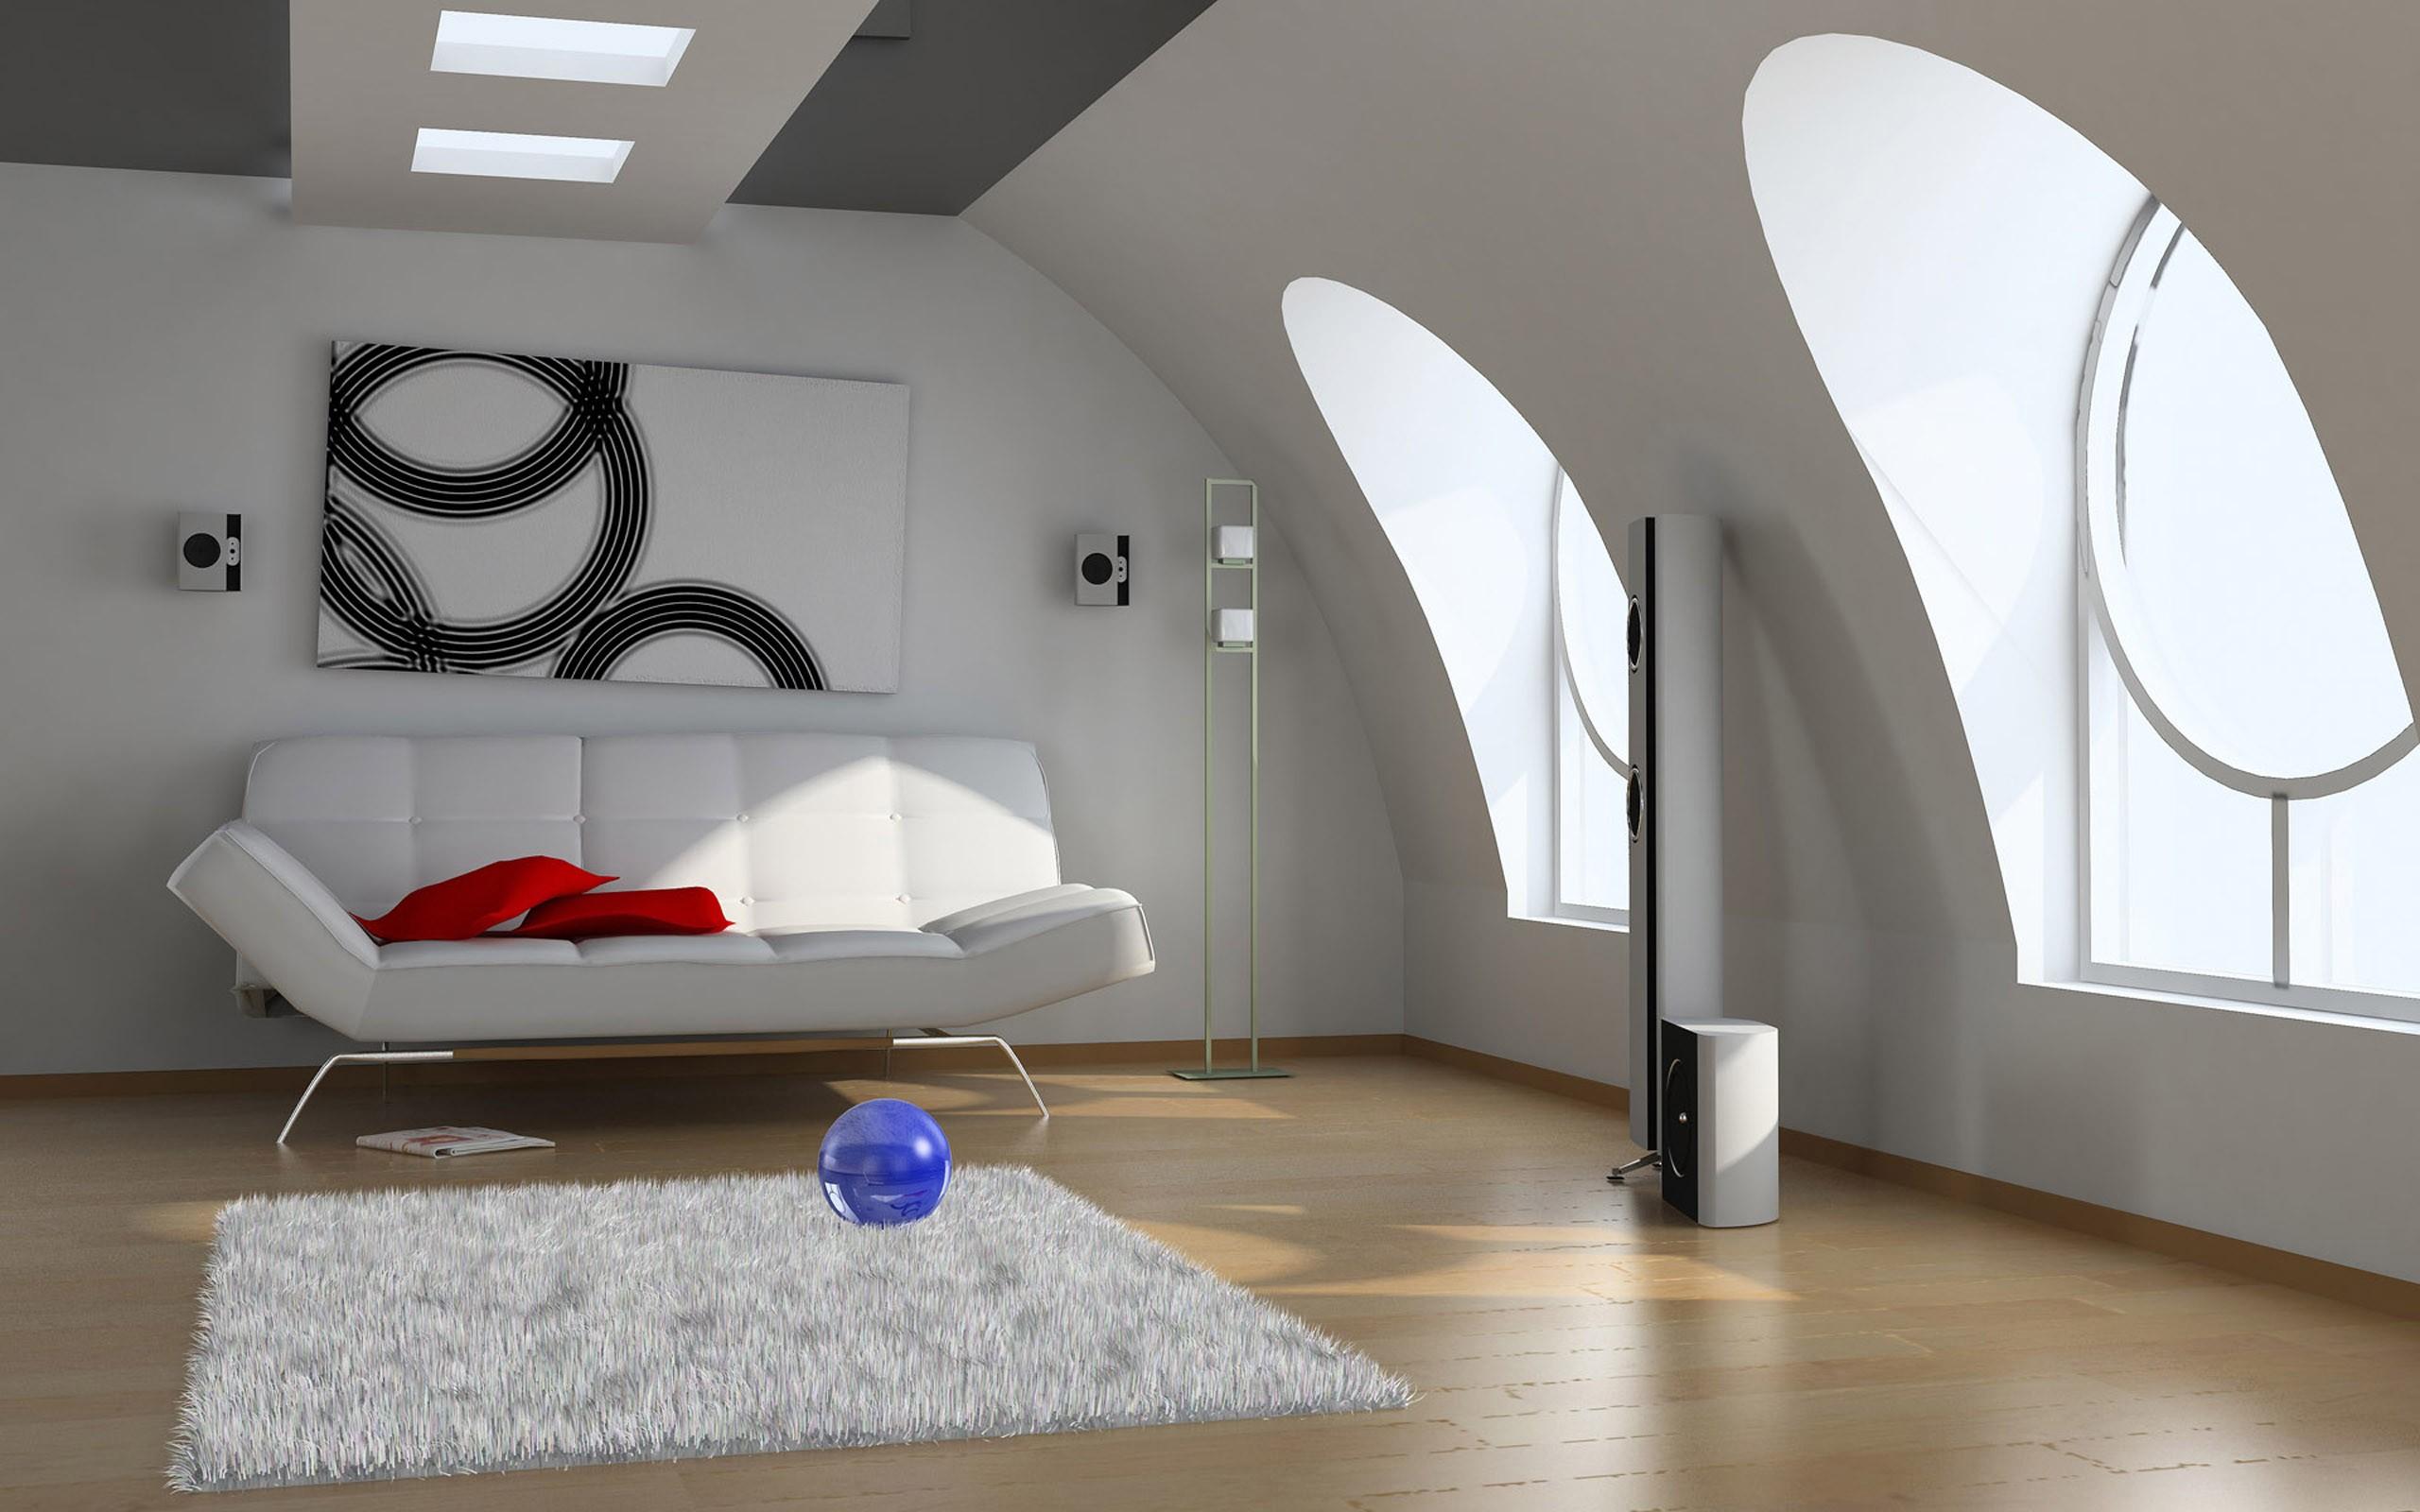 Diseño 3d de una sala - 2560x1600